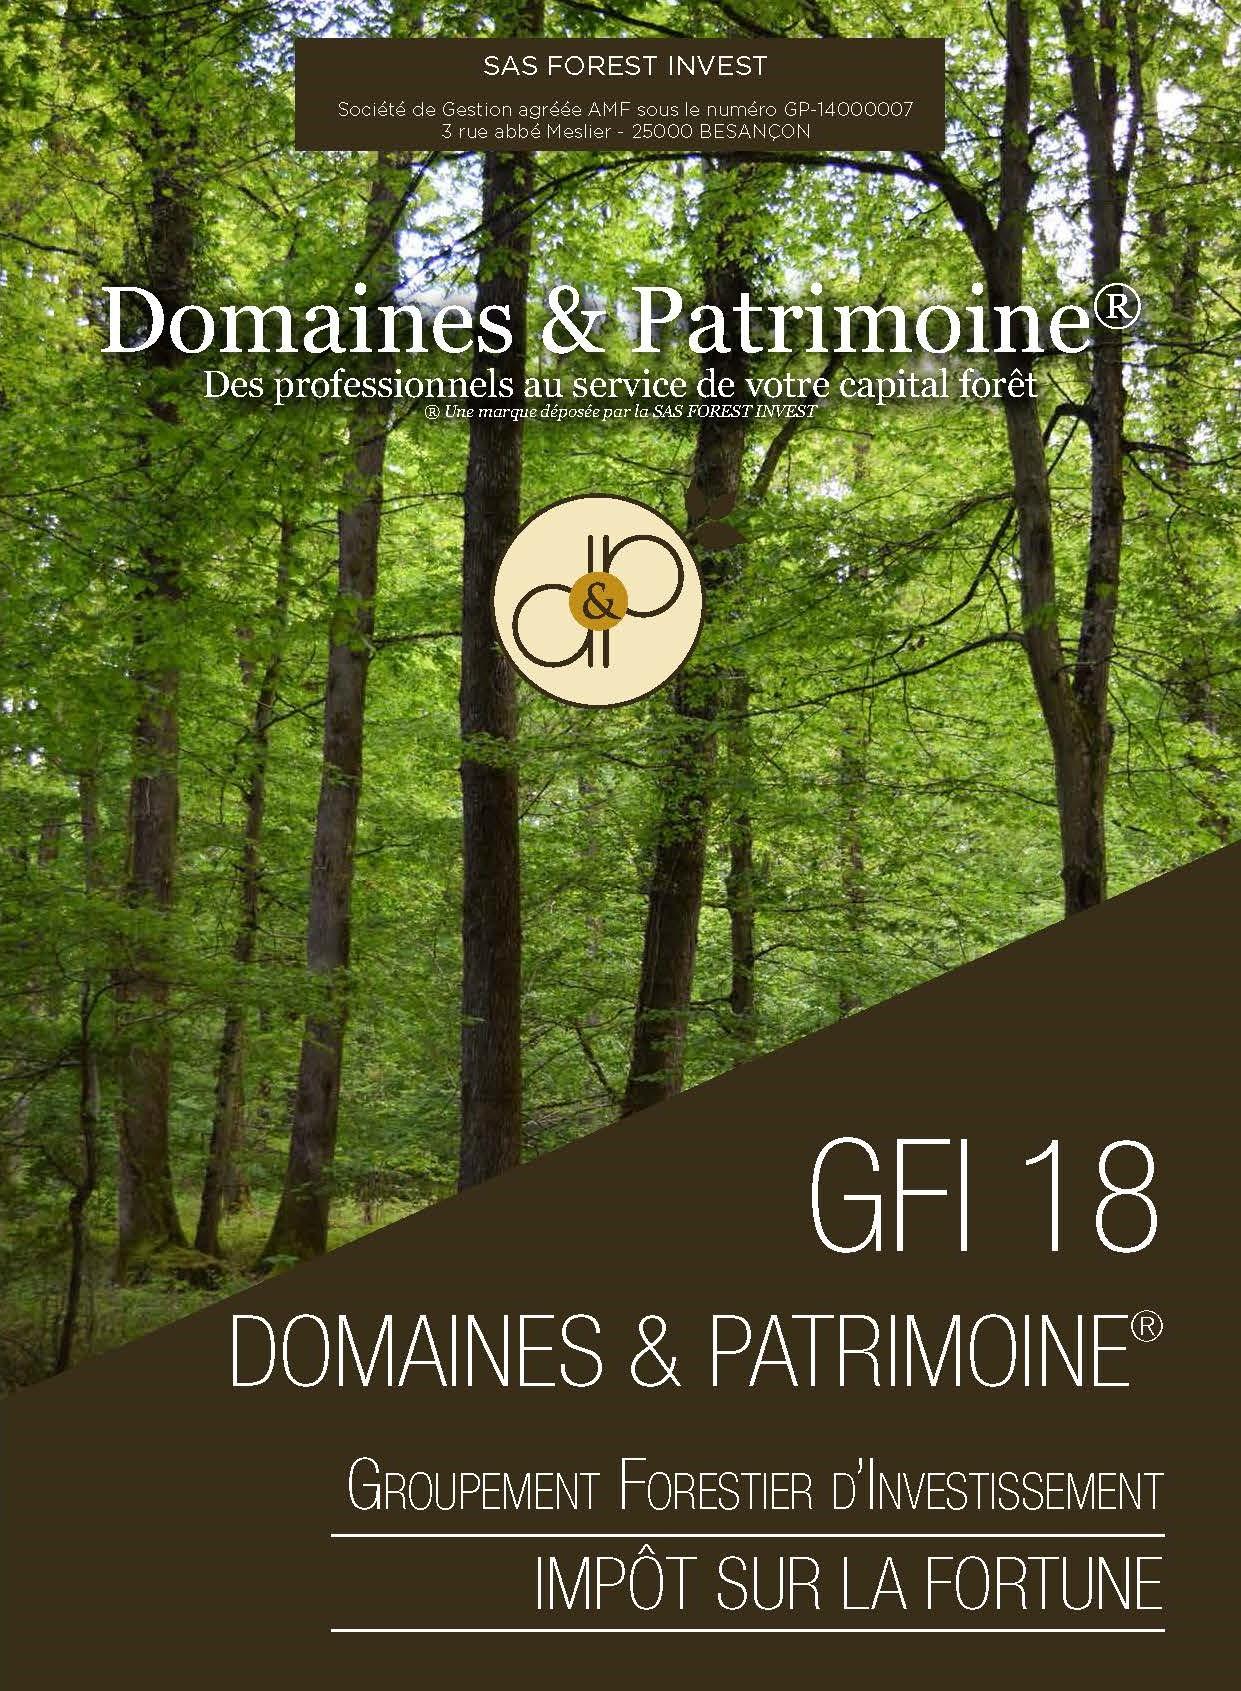 GFI 18 Domaines et Patrimoines